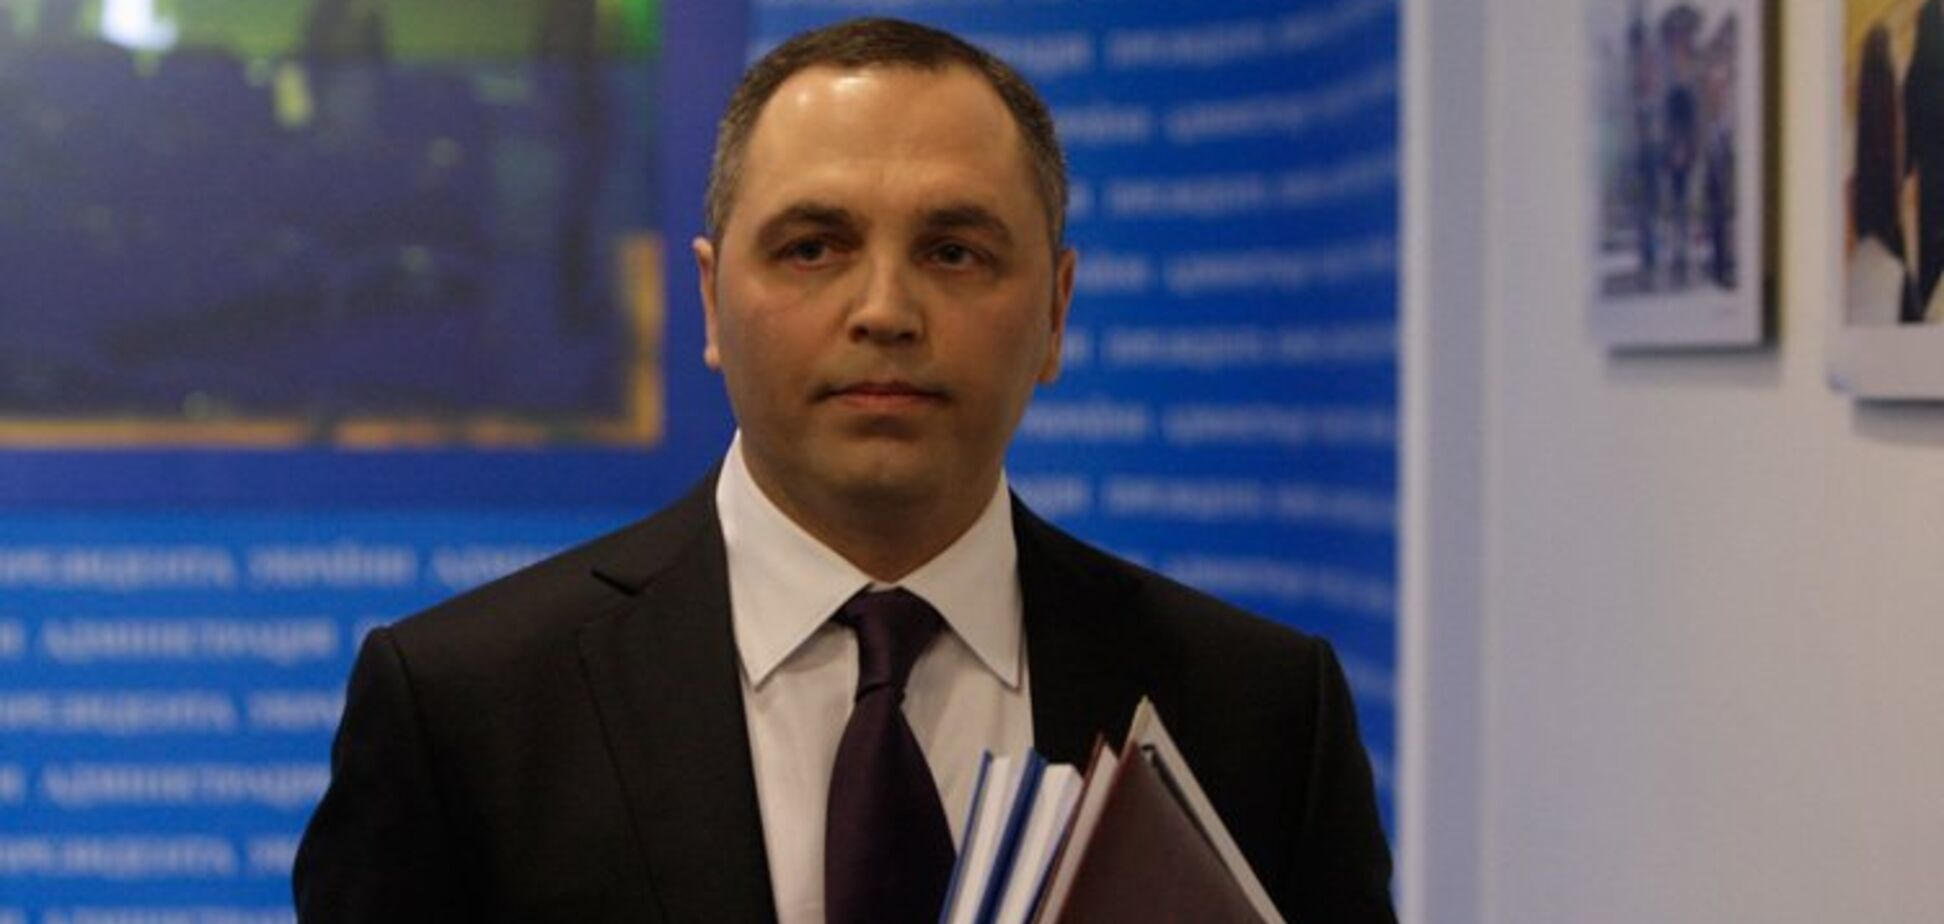 Екс-заступник глави АП Портнов виграв суд проти Генпрокуратури: подробиці